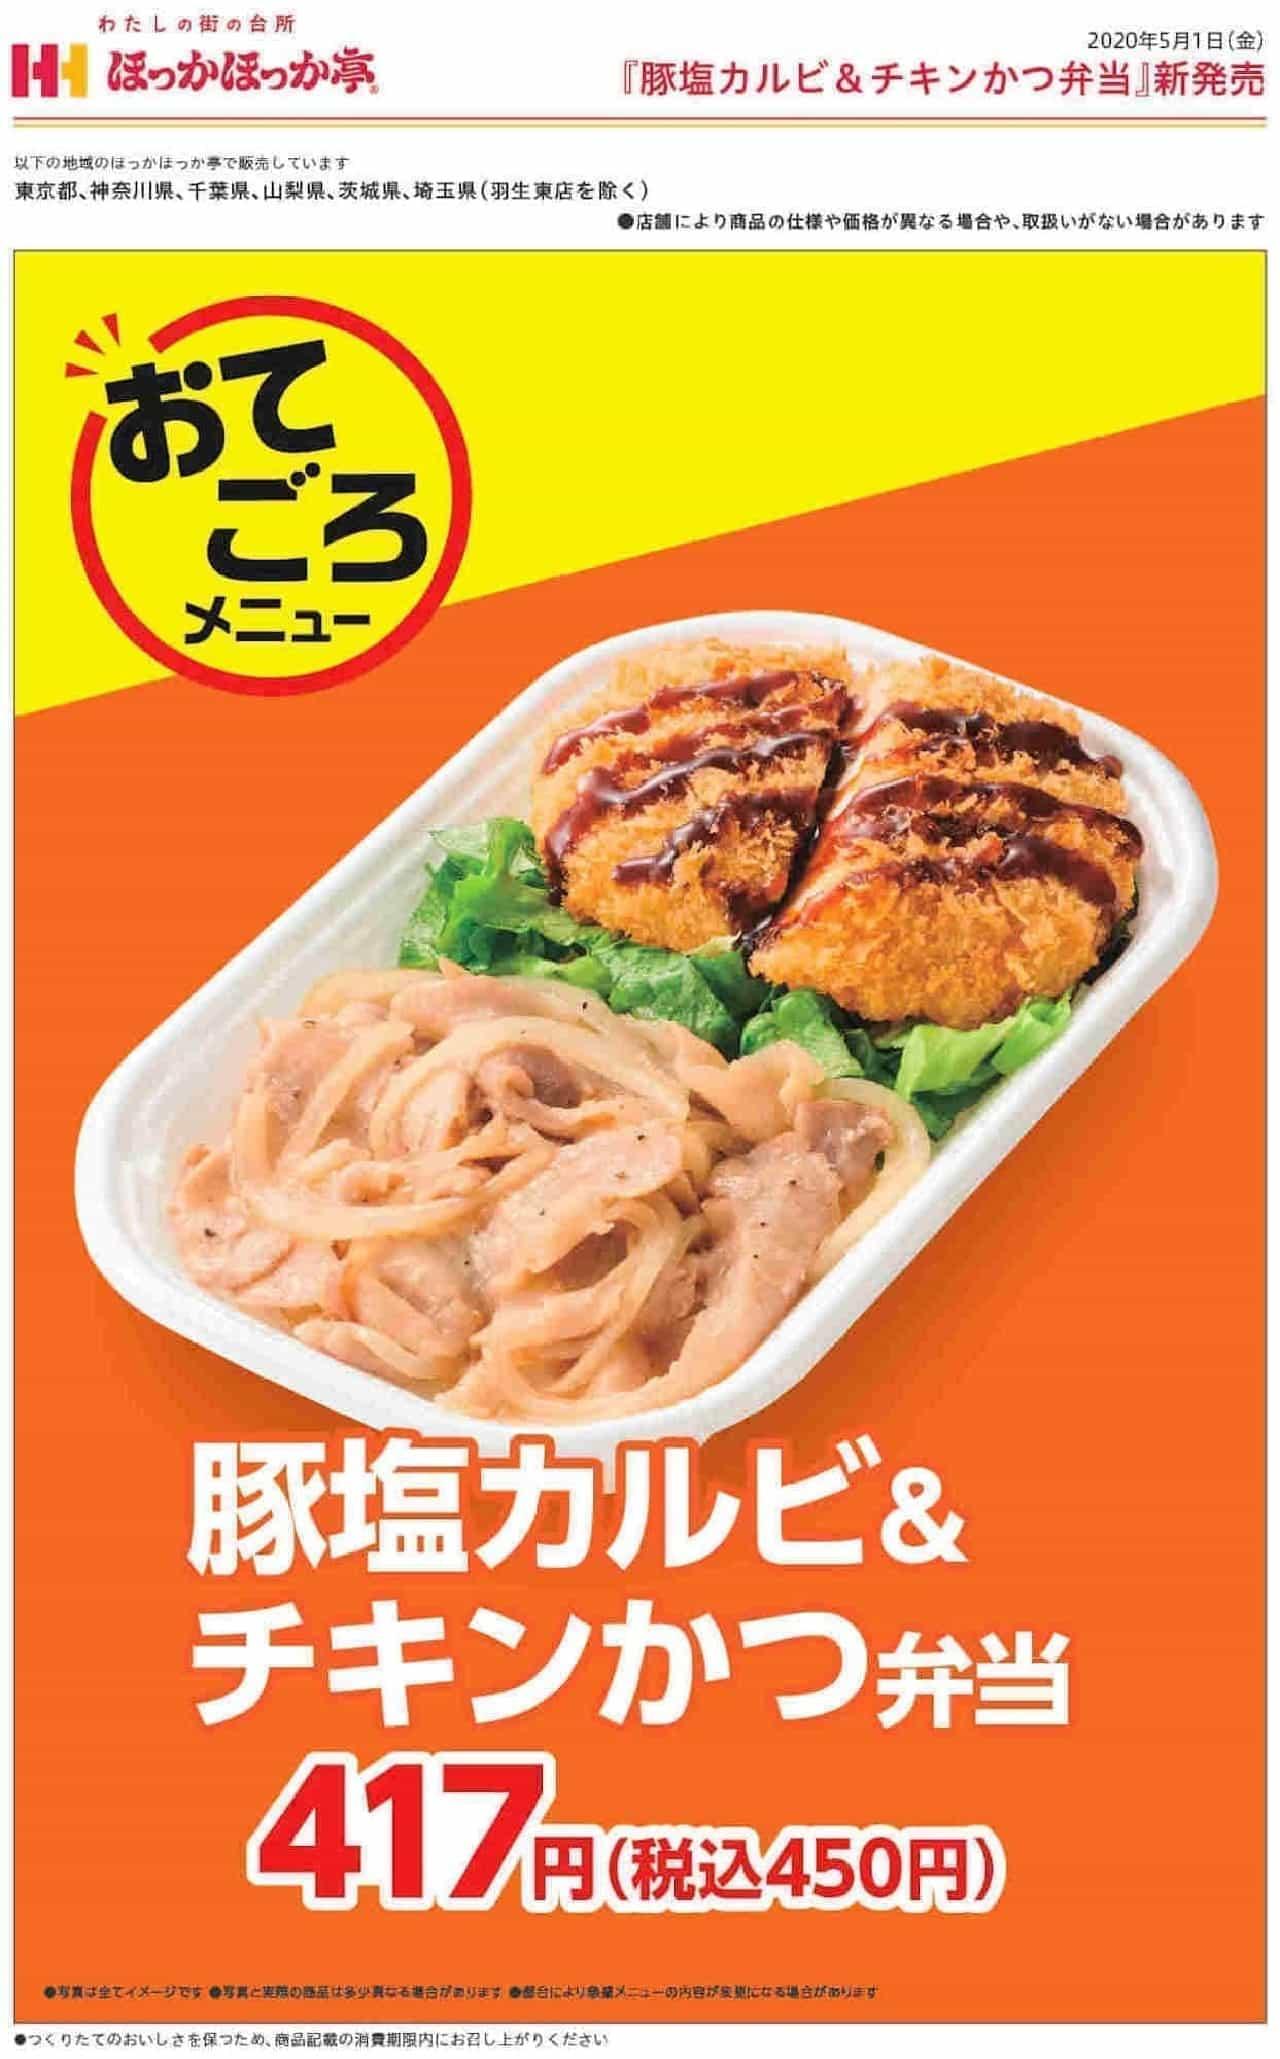 ほっかほっか亭「豚塩カルビ&チキンカツ弁当」